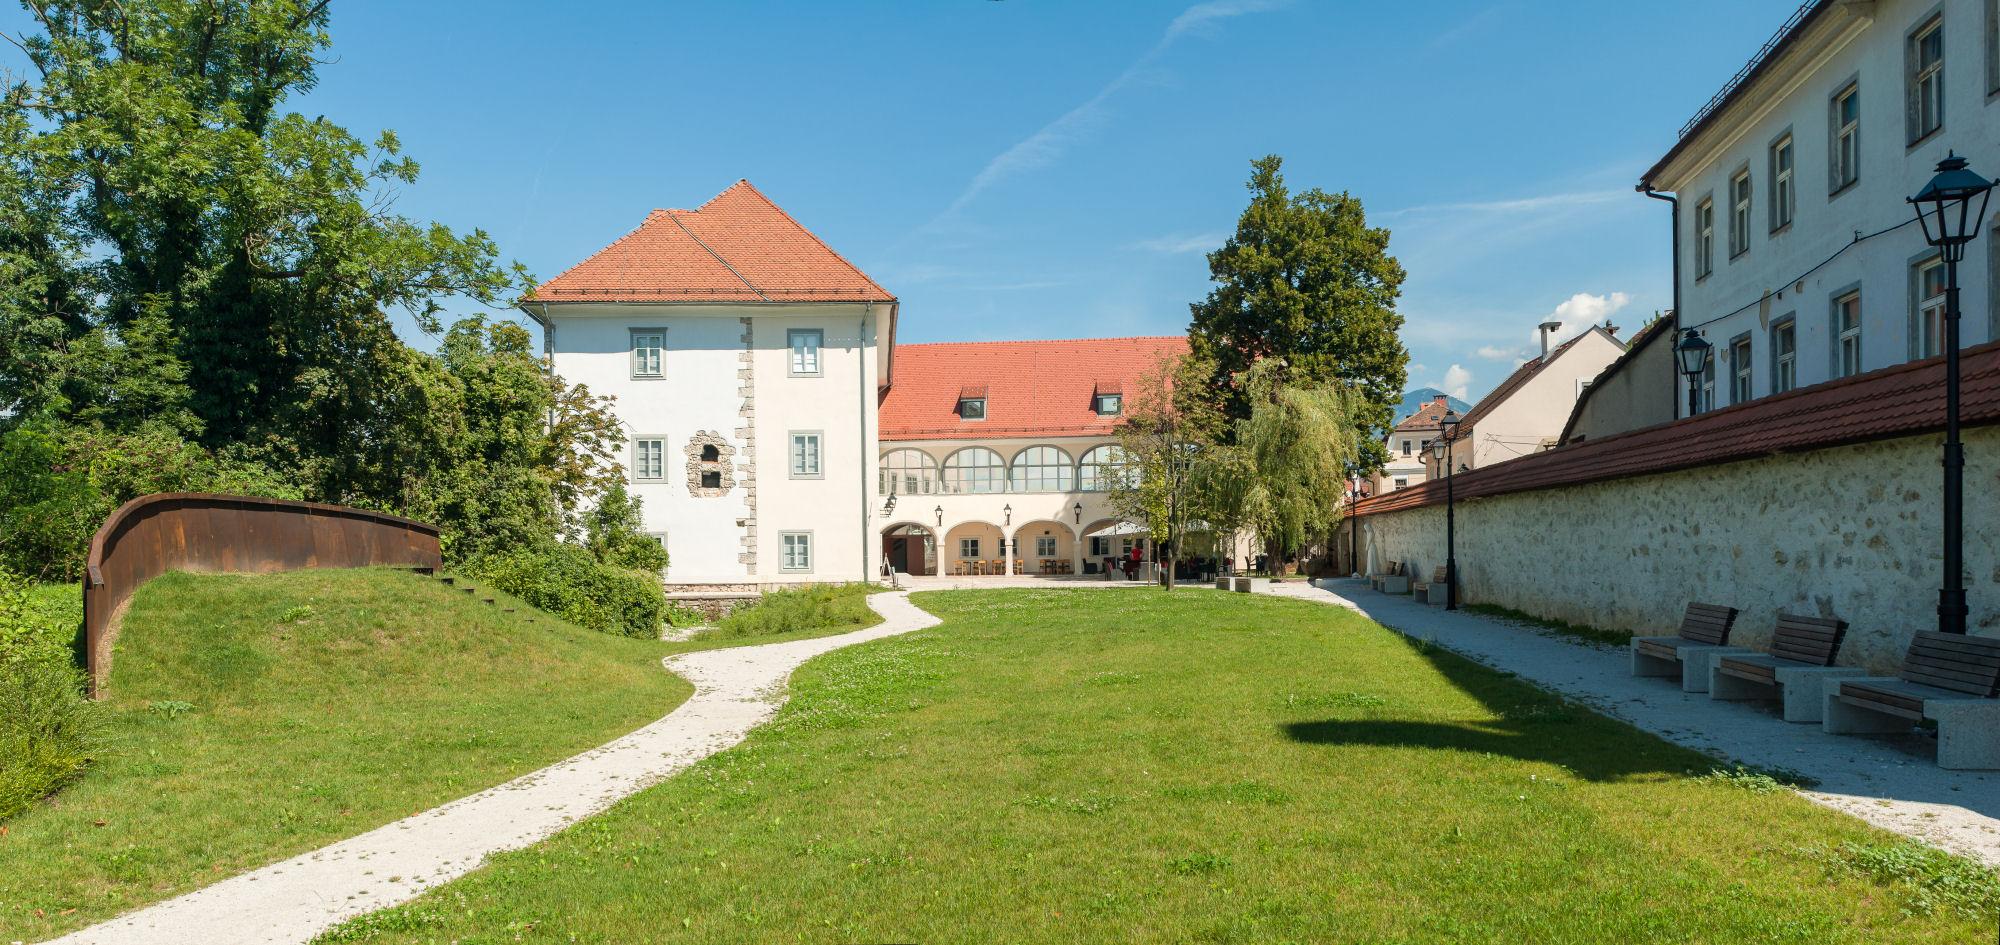 Kieselstein castle in Kranj, Slovenia